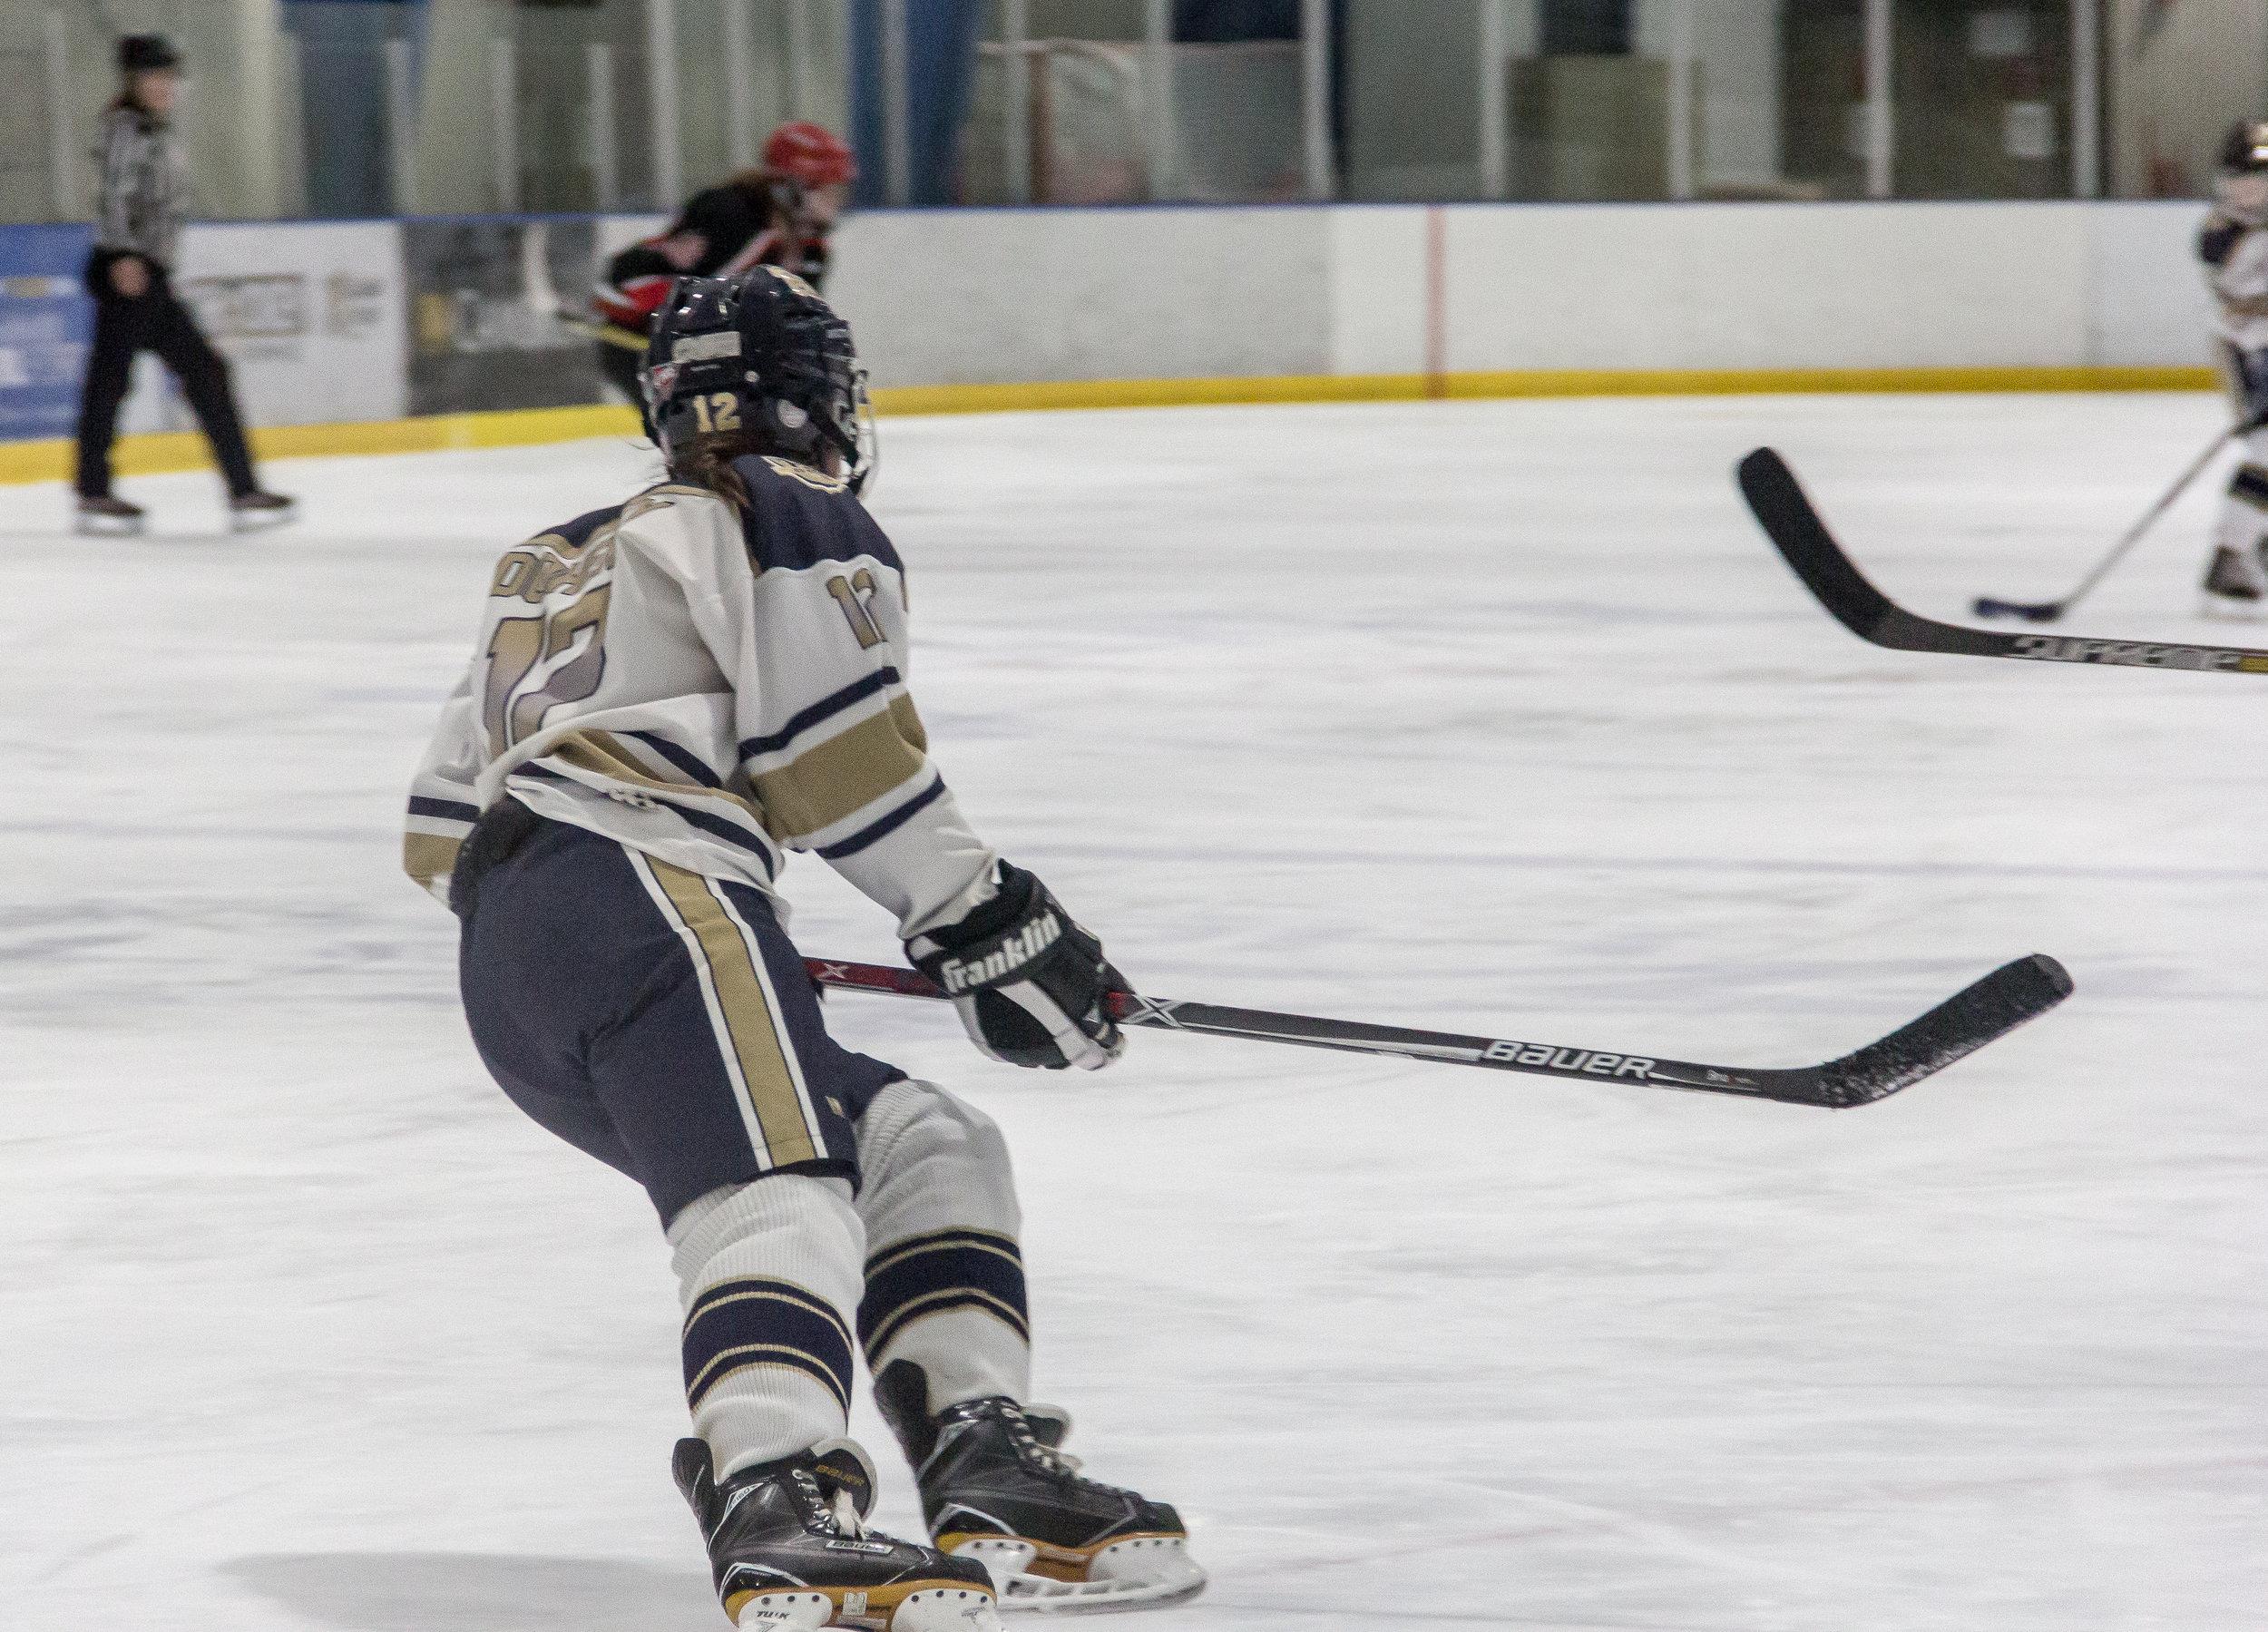 PittHockey-20.jpg